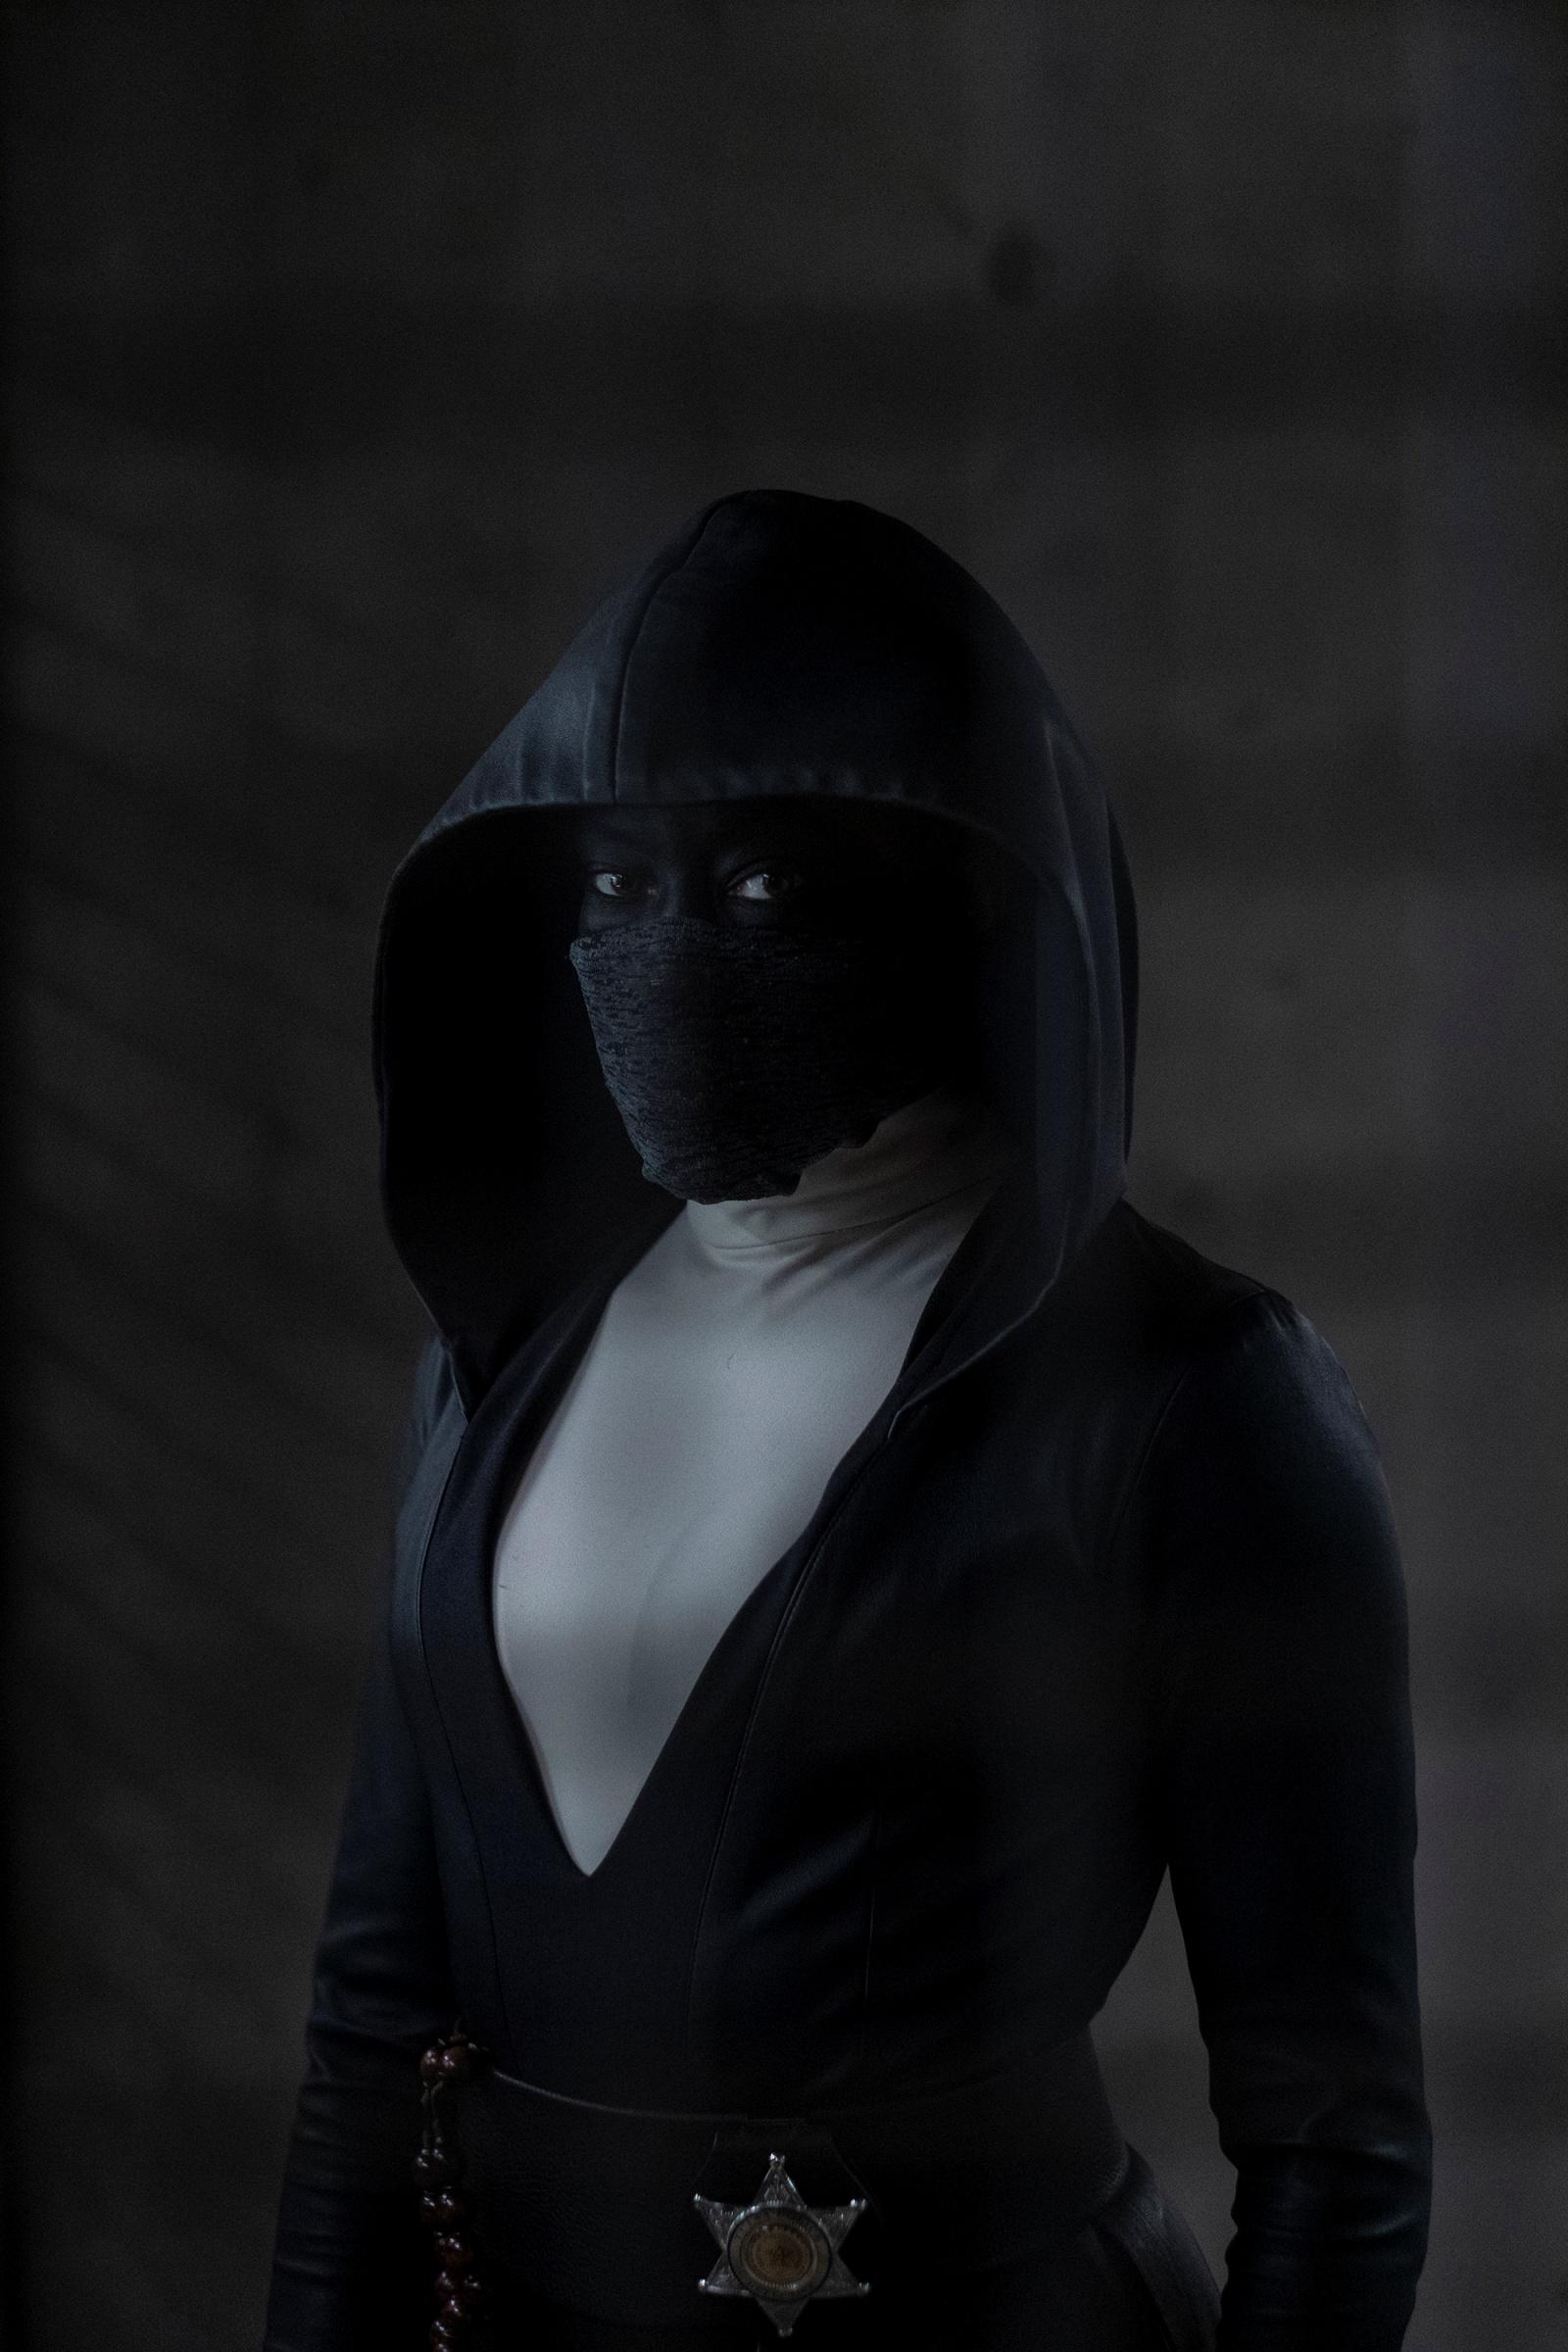 20190509_Watchmen1.jpg